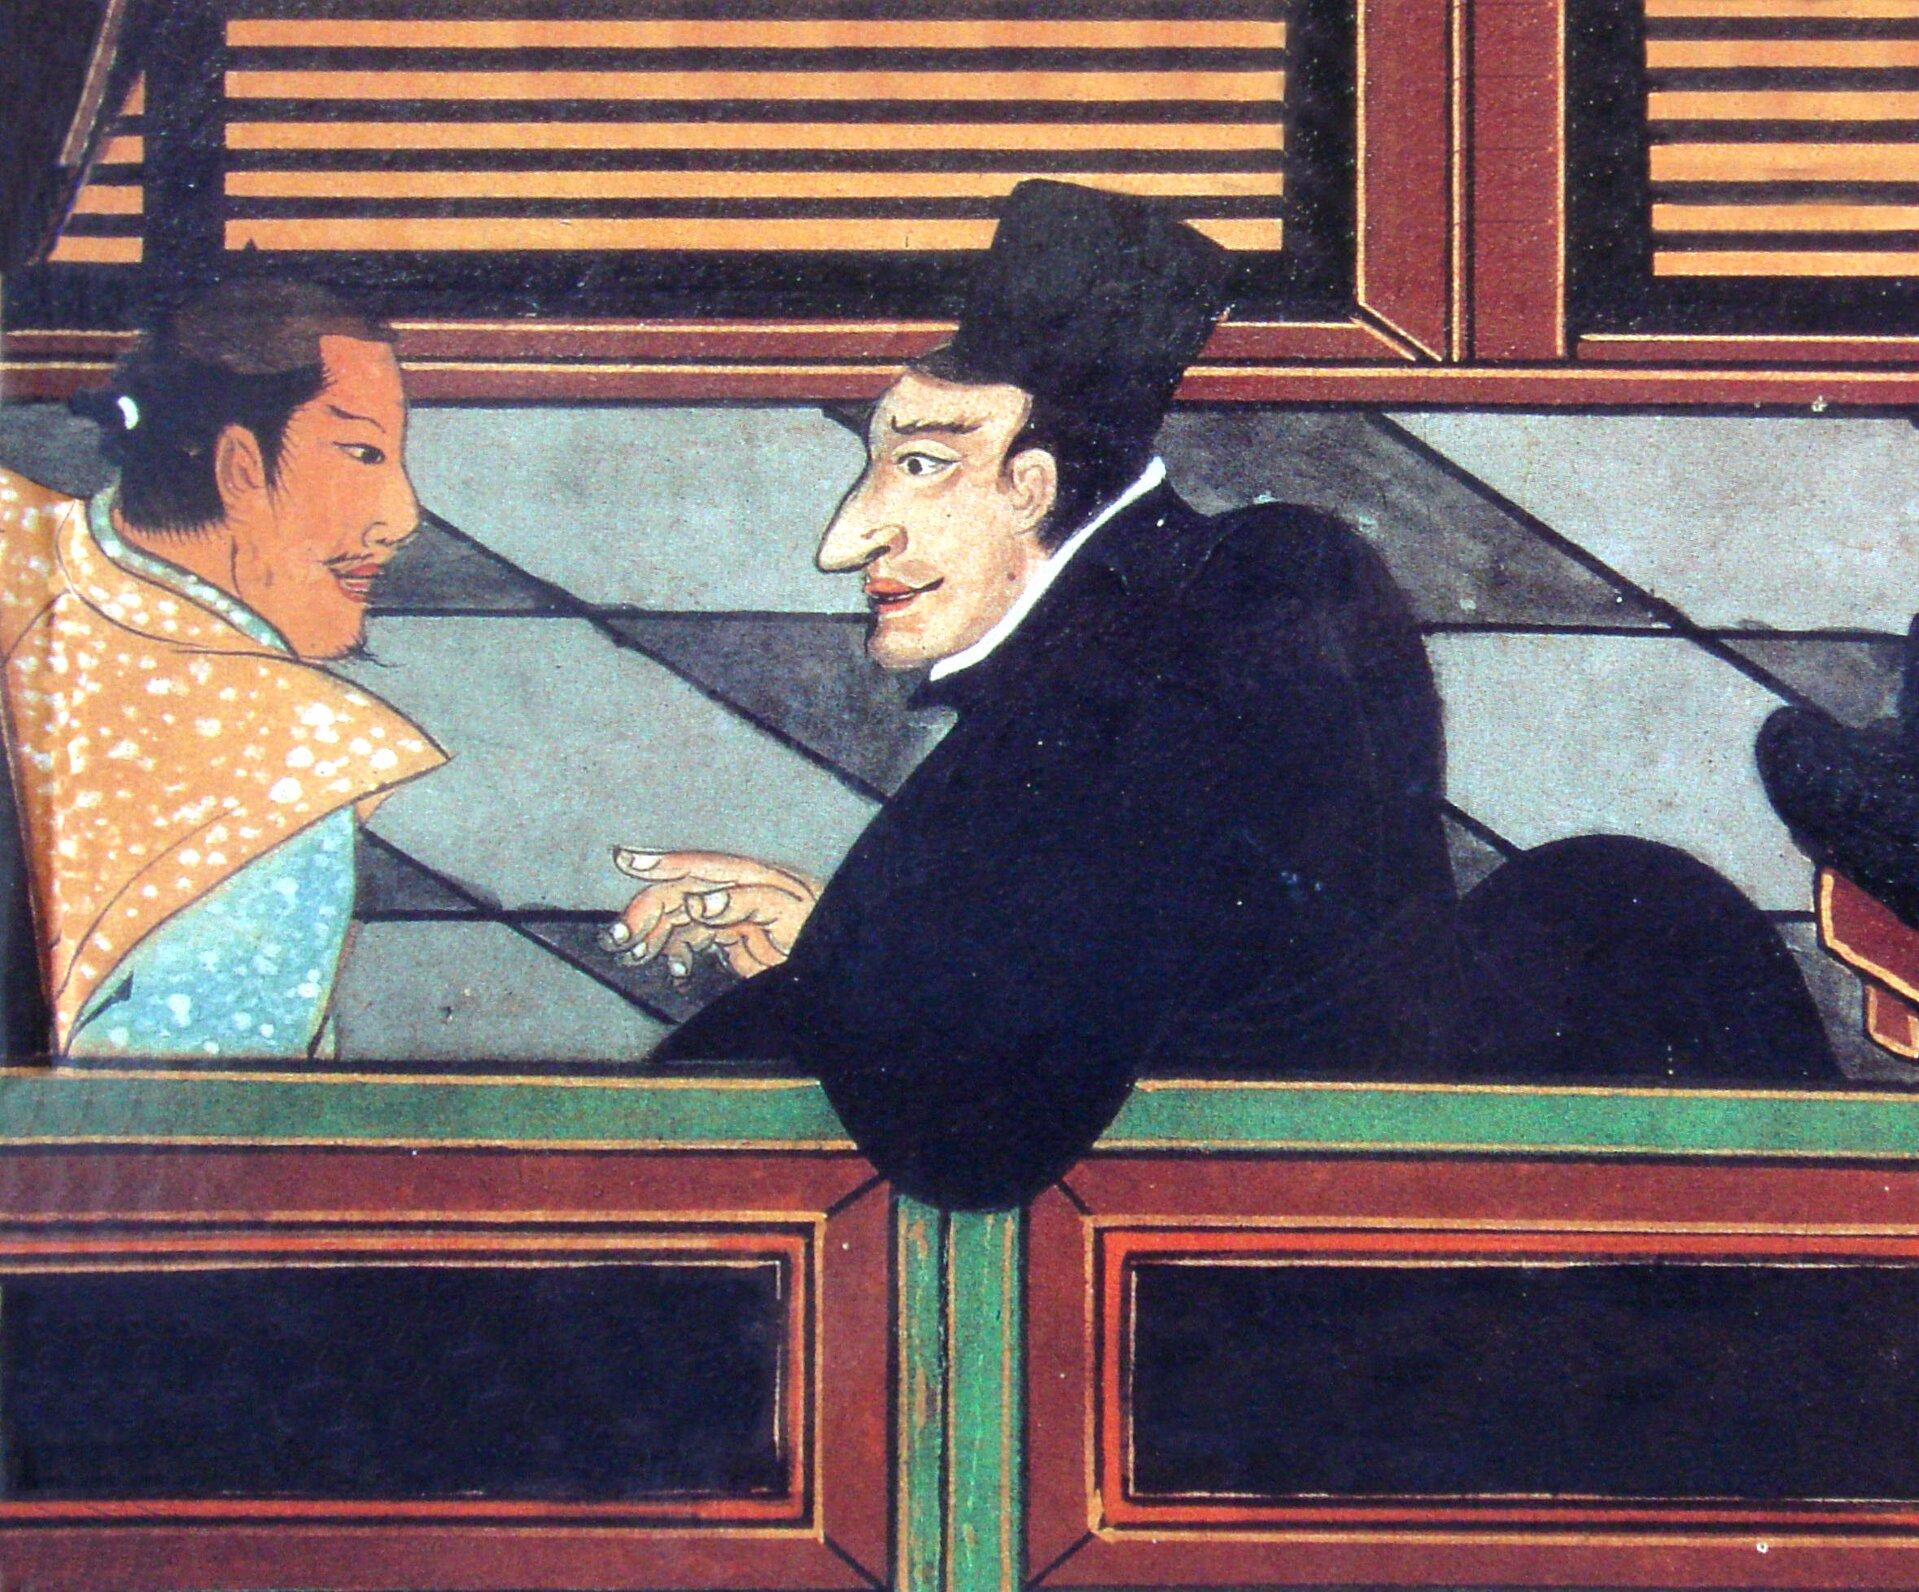 Jezuita dyskutuje zjapońskim możnym Źródło: Jezuita dyskutuje zjapońskim możnym, ok. 1600, domena publiczna.